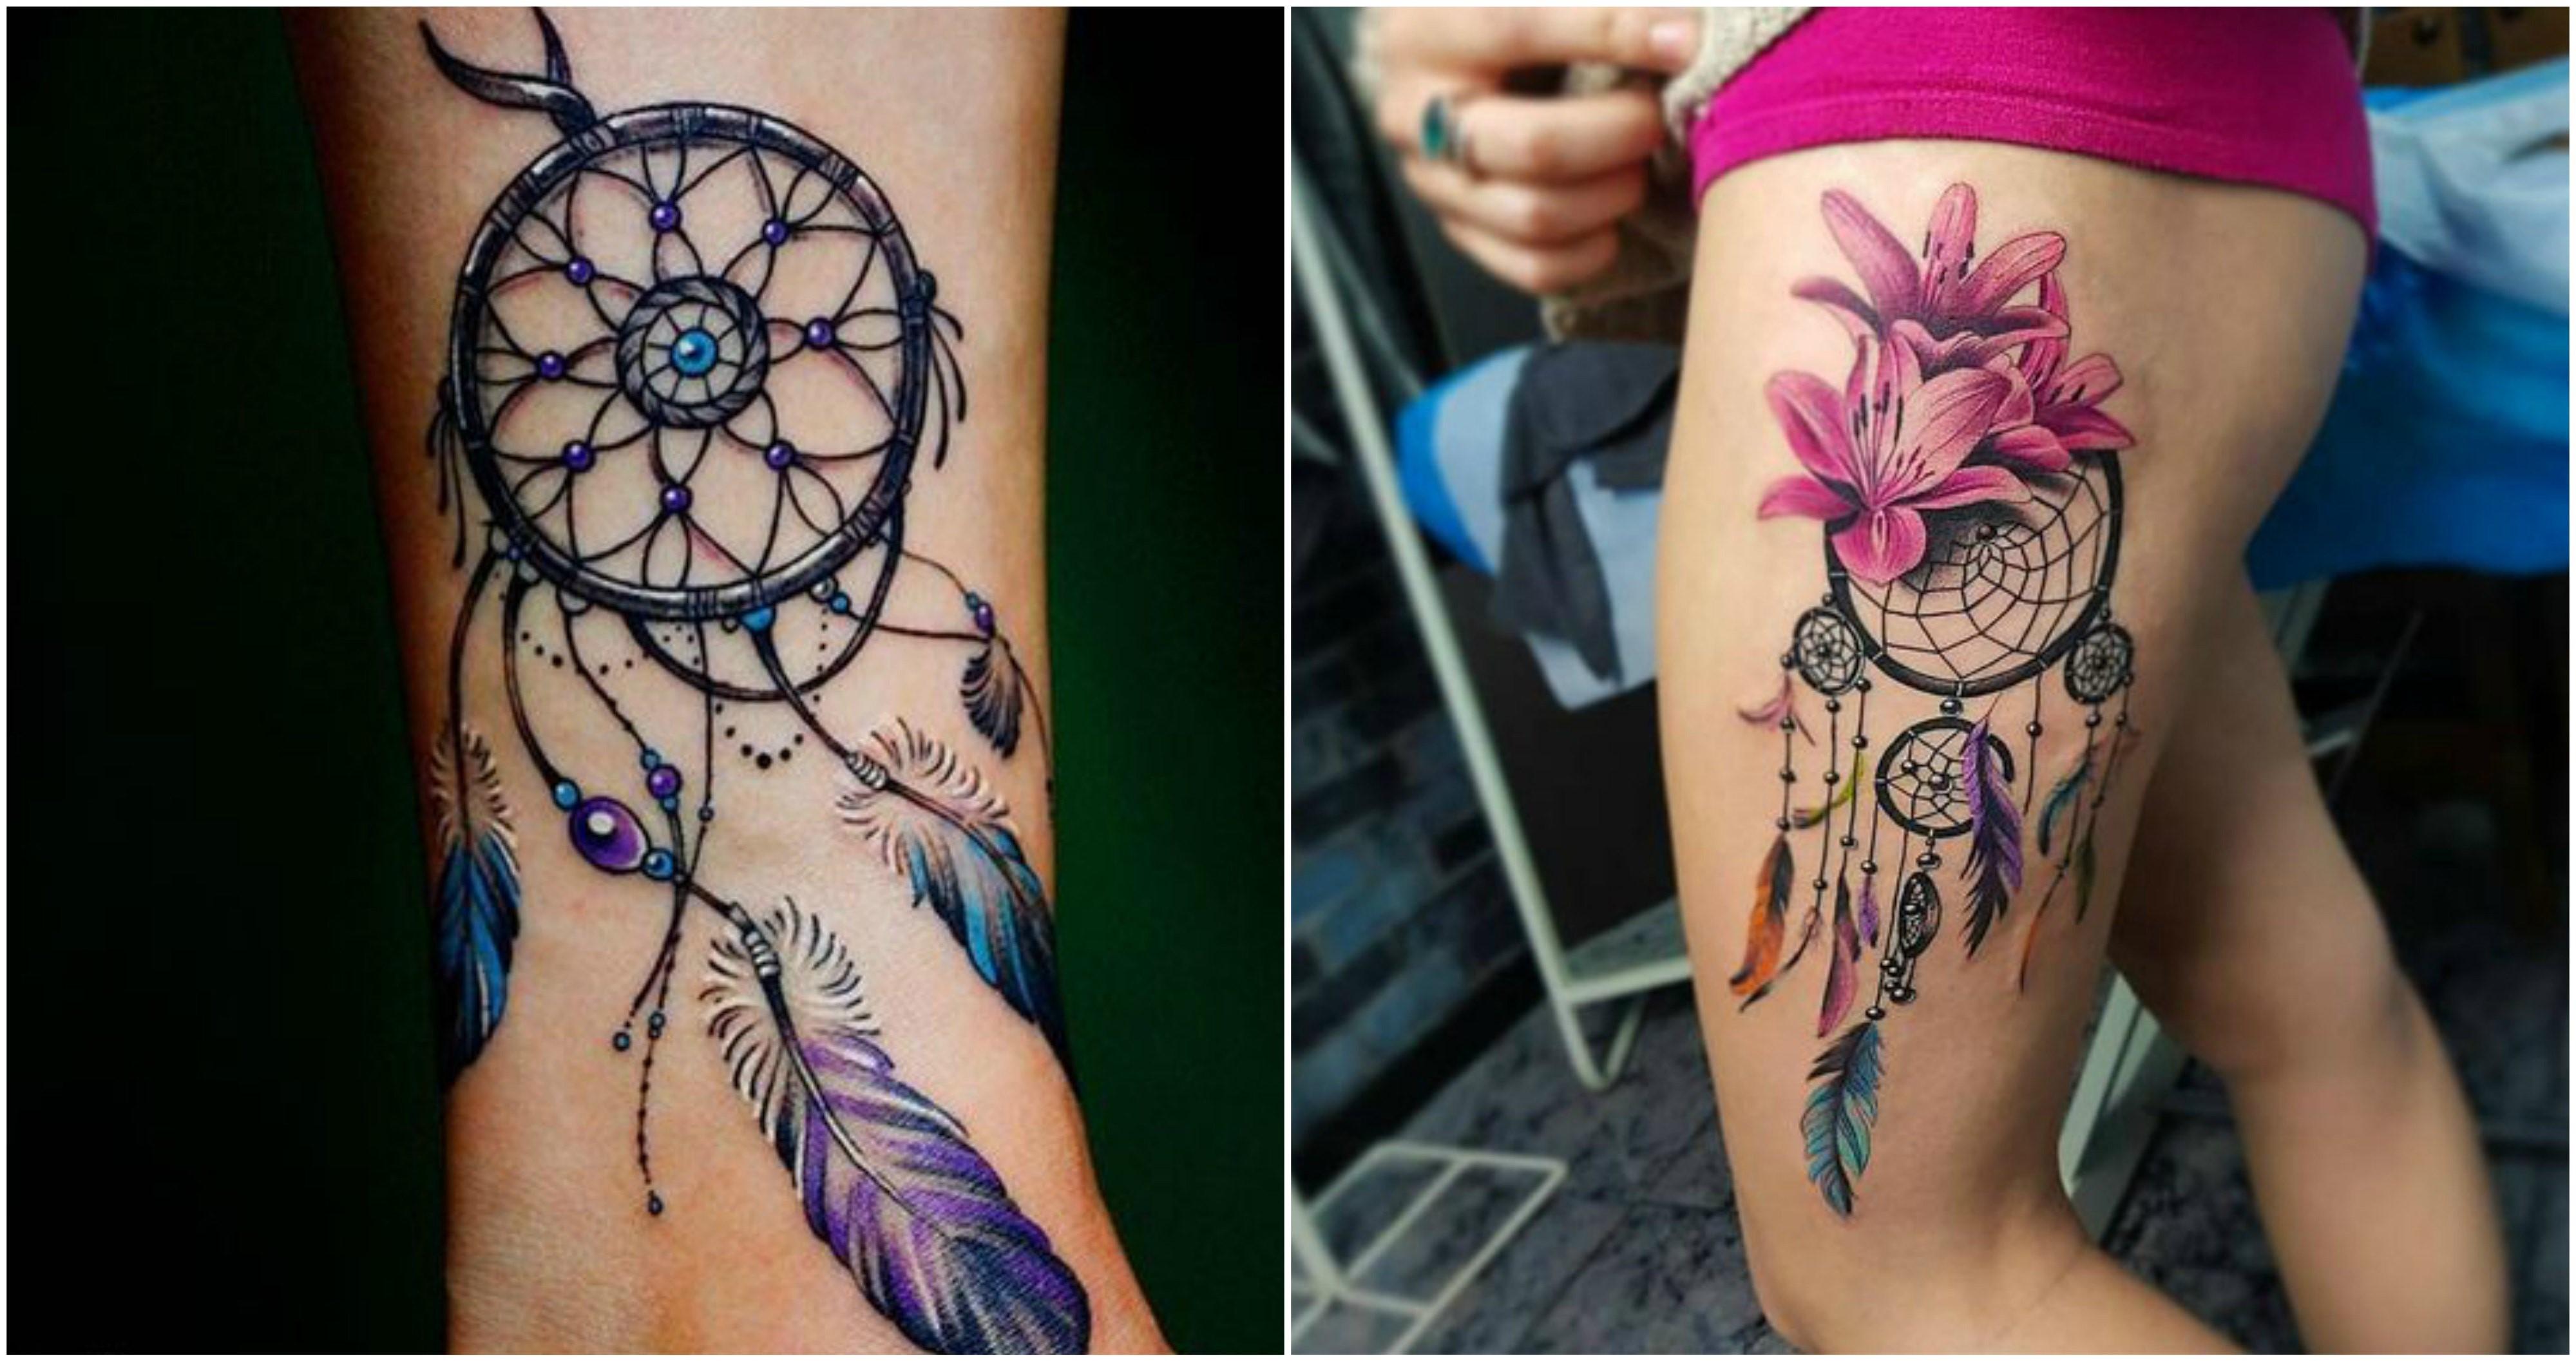 Si votre tatouage a une signification très importante pour vous et que vous souhaitez le voir souvent, placez-le sur une partie exposée de votre corps.